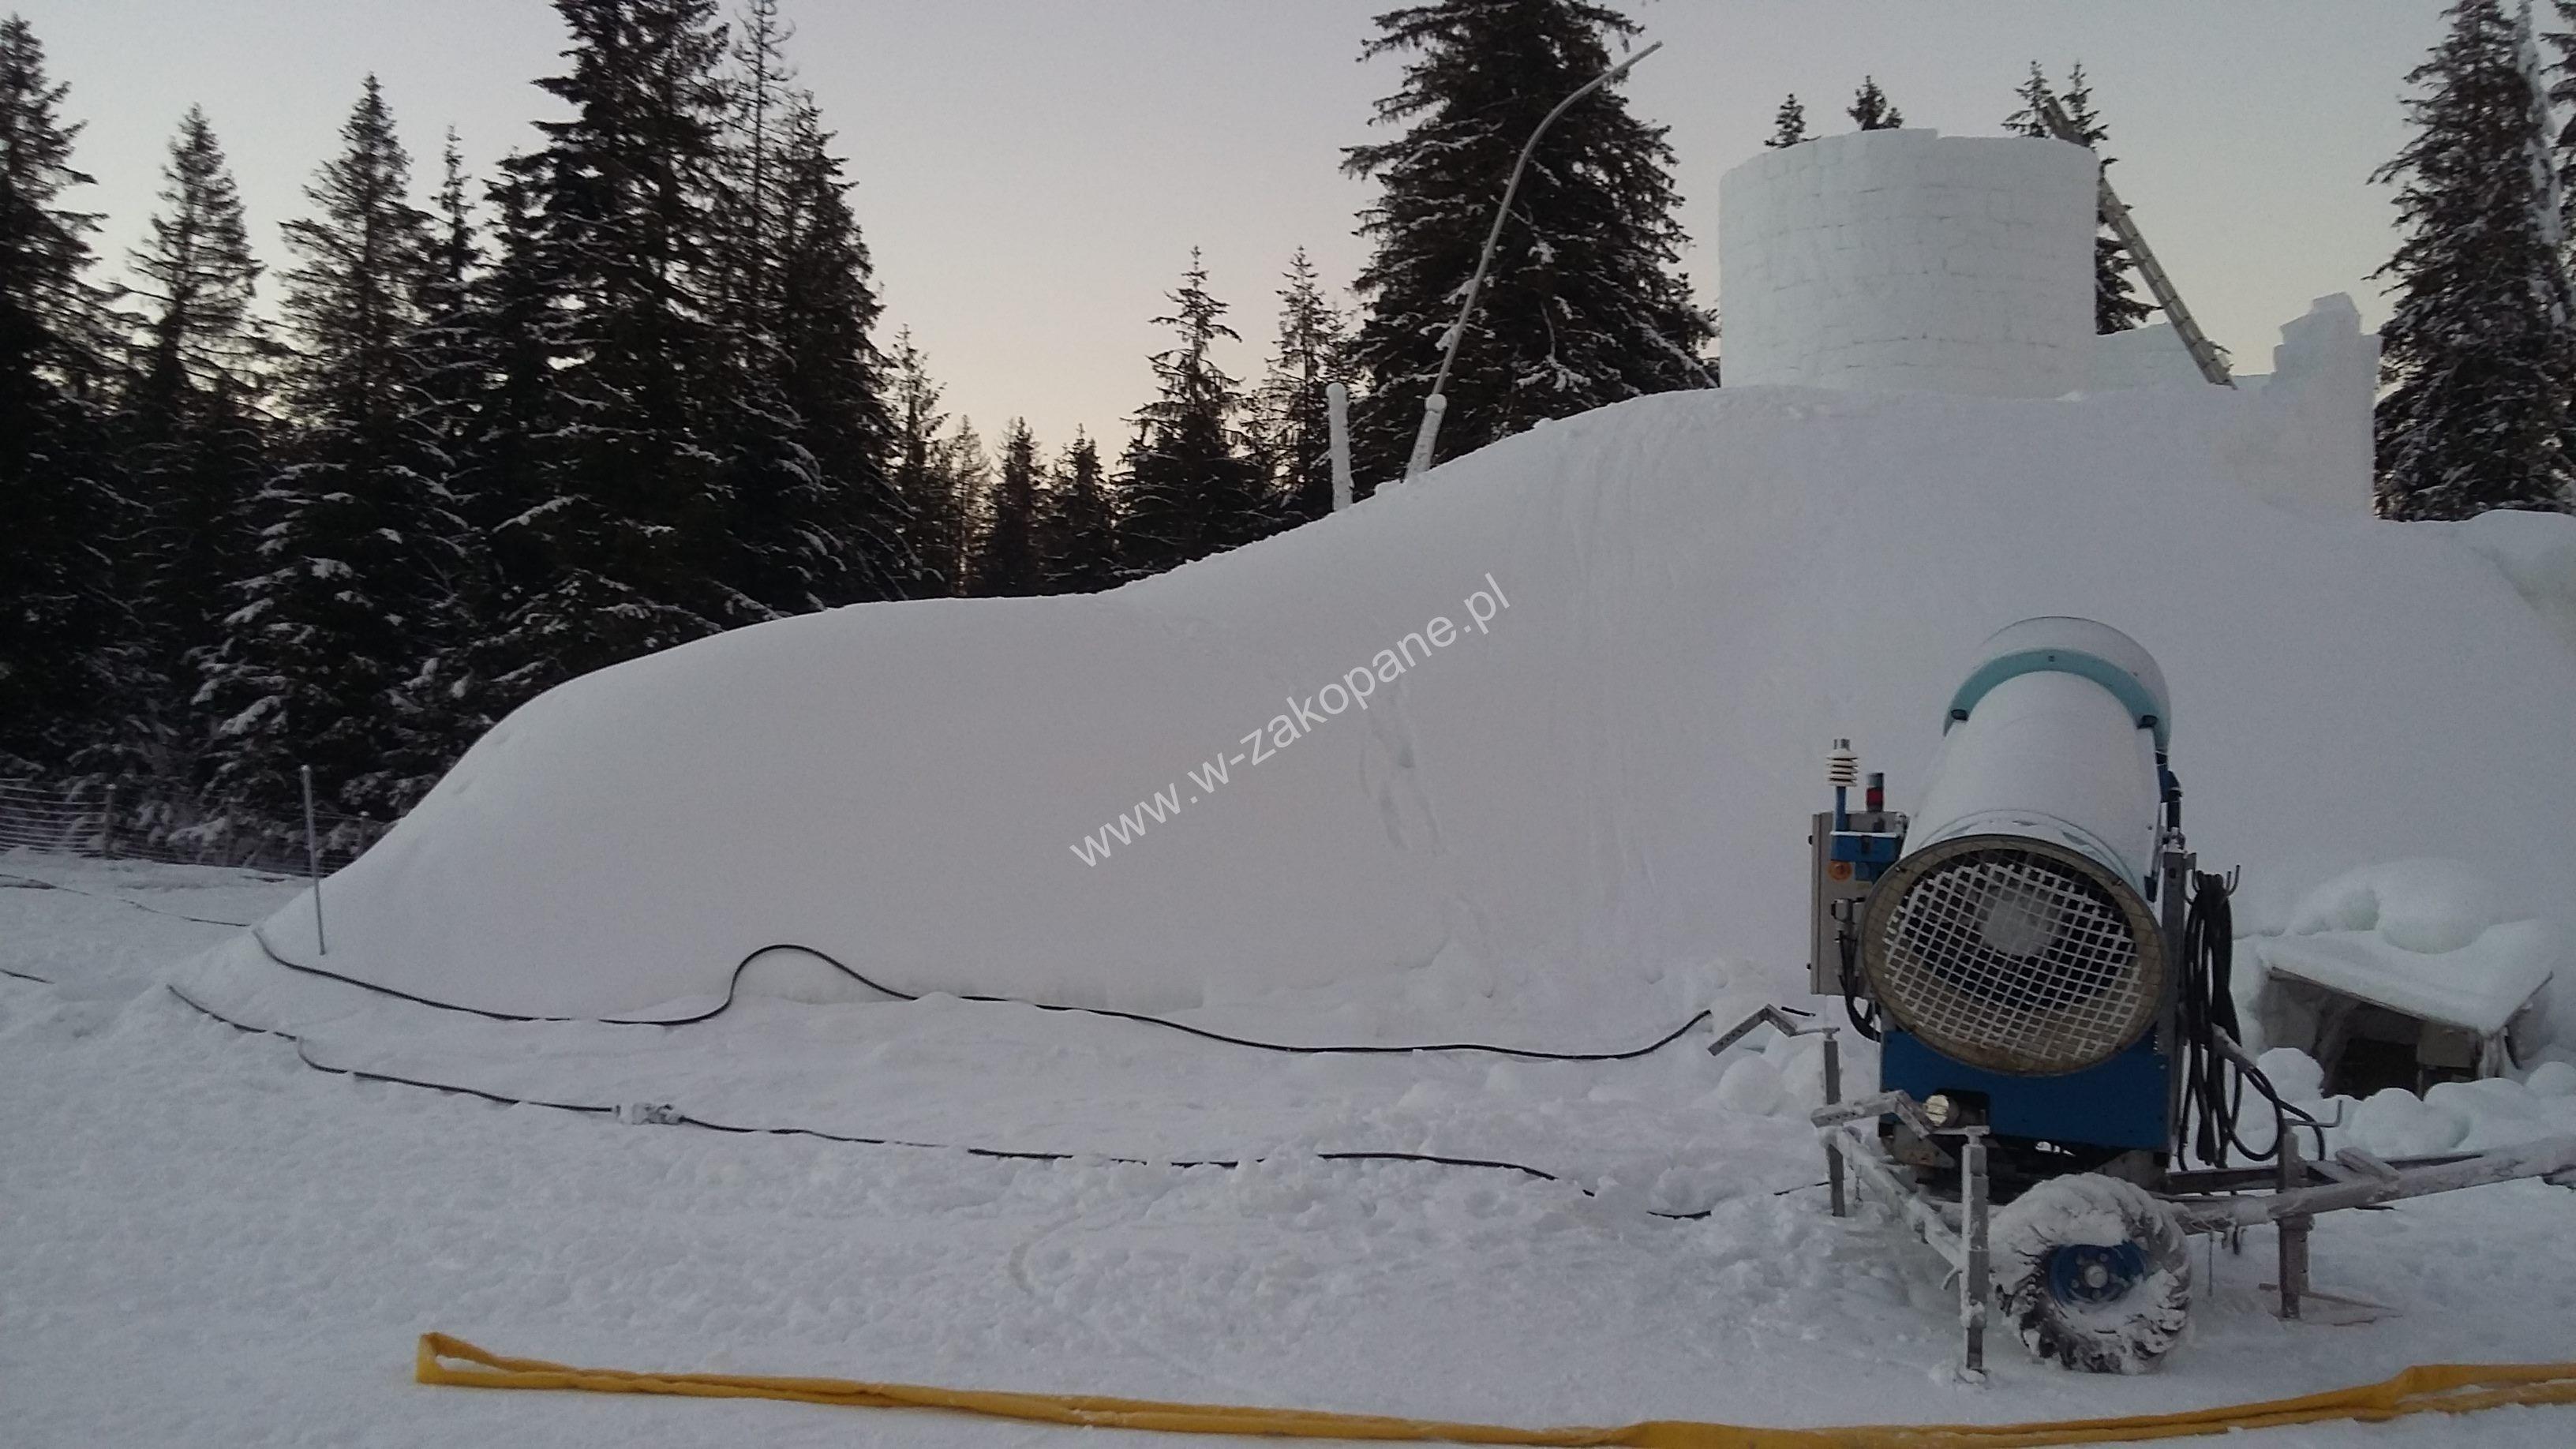 Zamek lodowy nasyp sniegu armatką